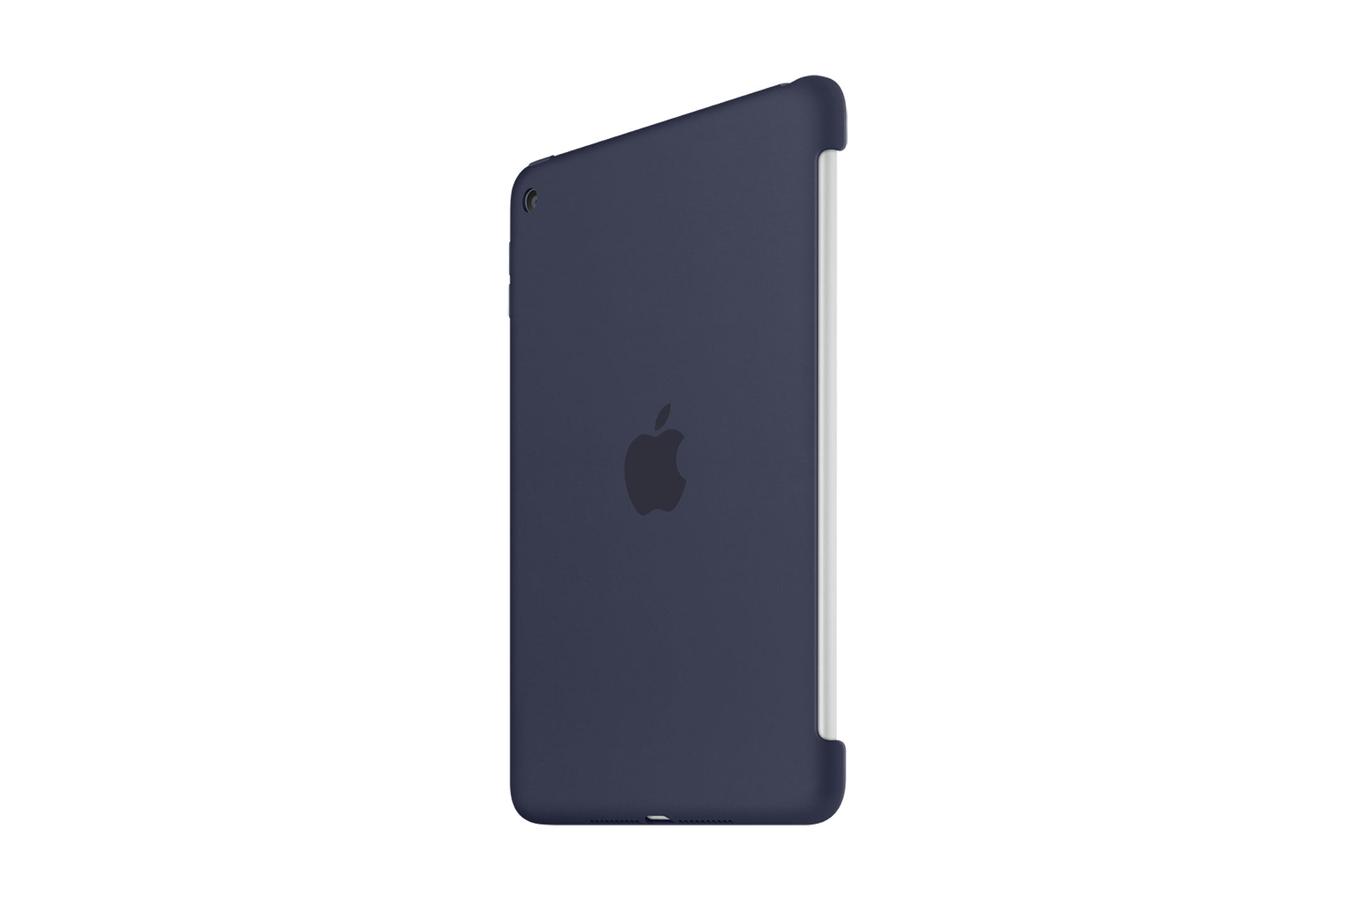 housse et tui pour tablette apple coque en silicone bleue fonc e pour ipad mini 4 4167147 darty. Black Bedroom Furniture Sets. Home Design Ideas